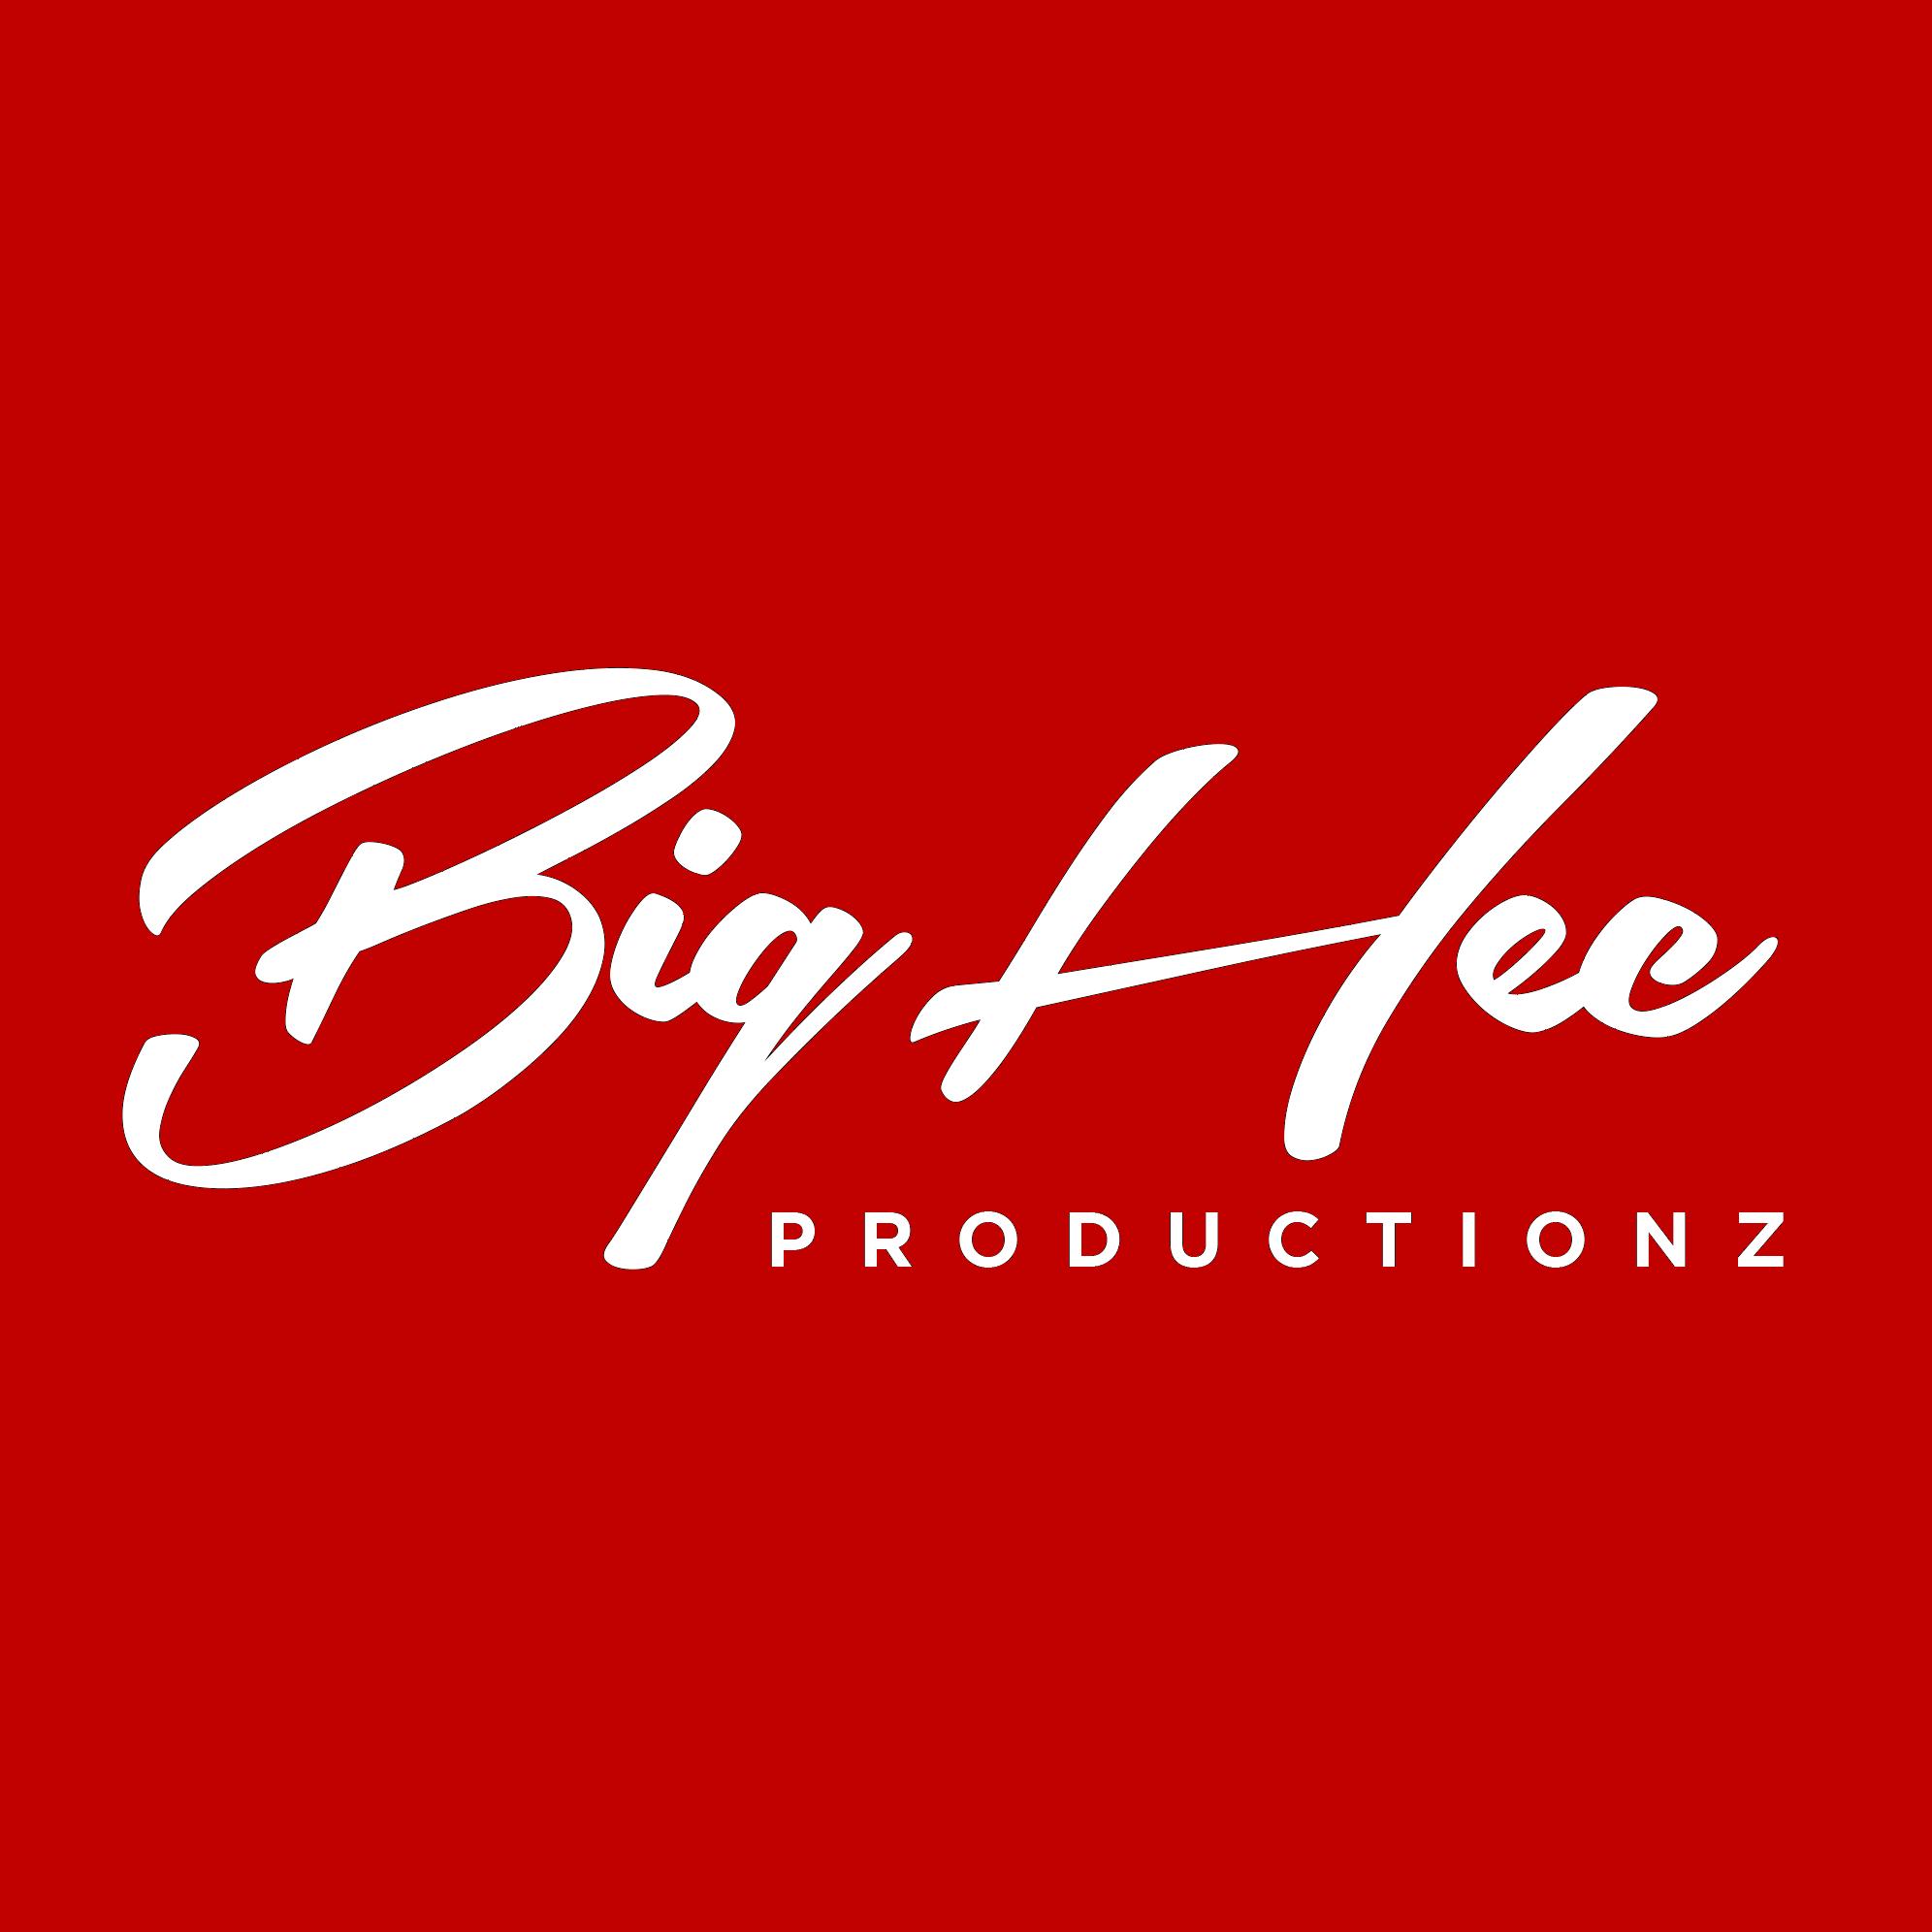 Big Hec Productionz